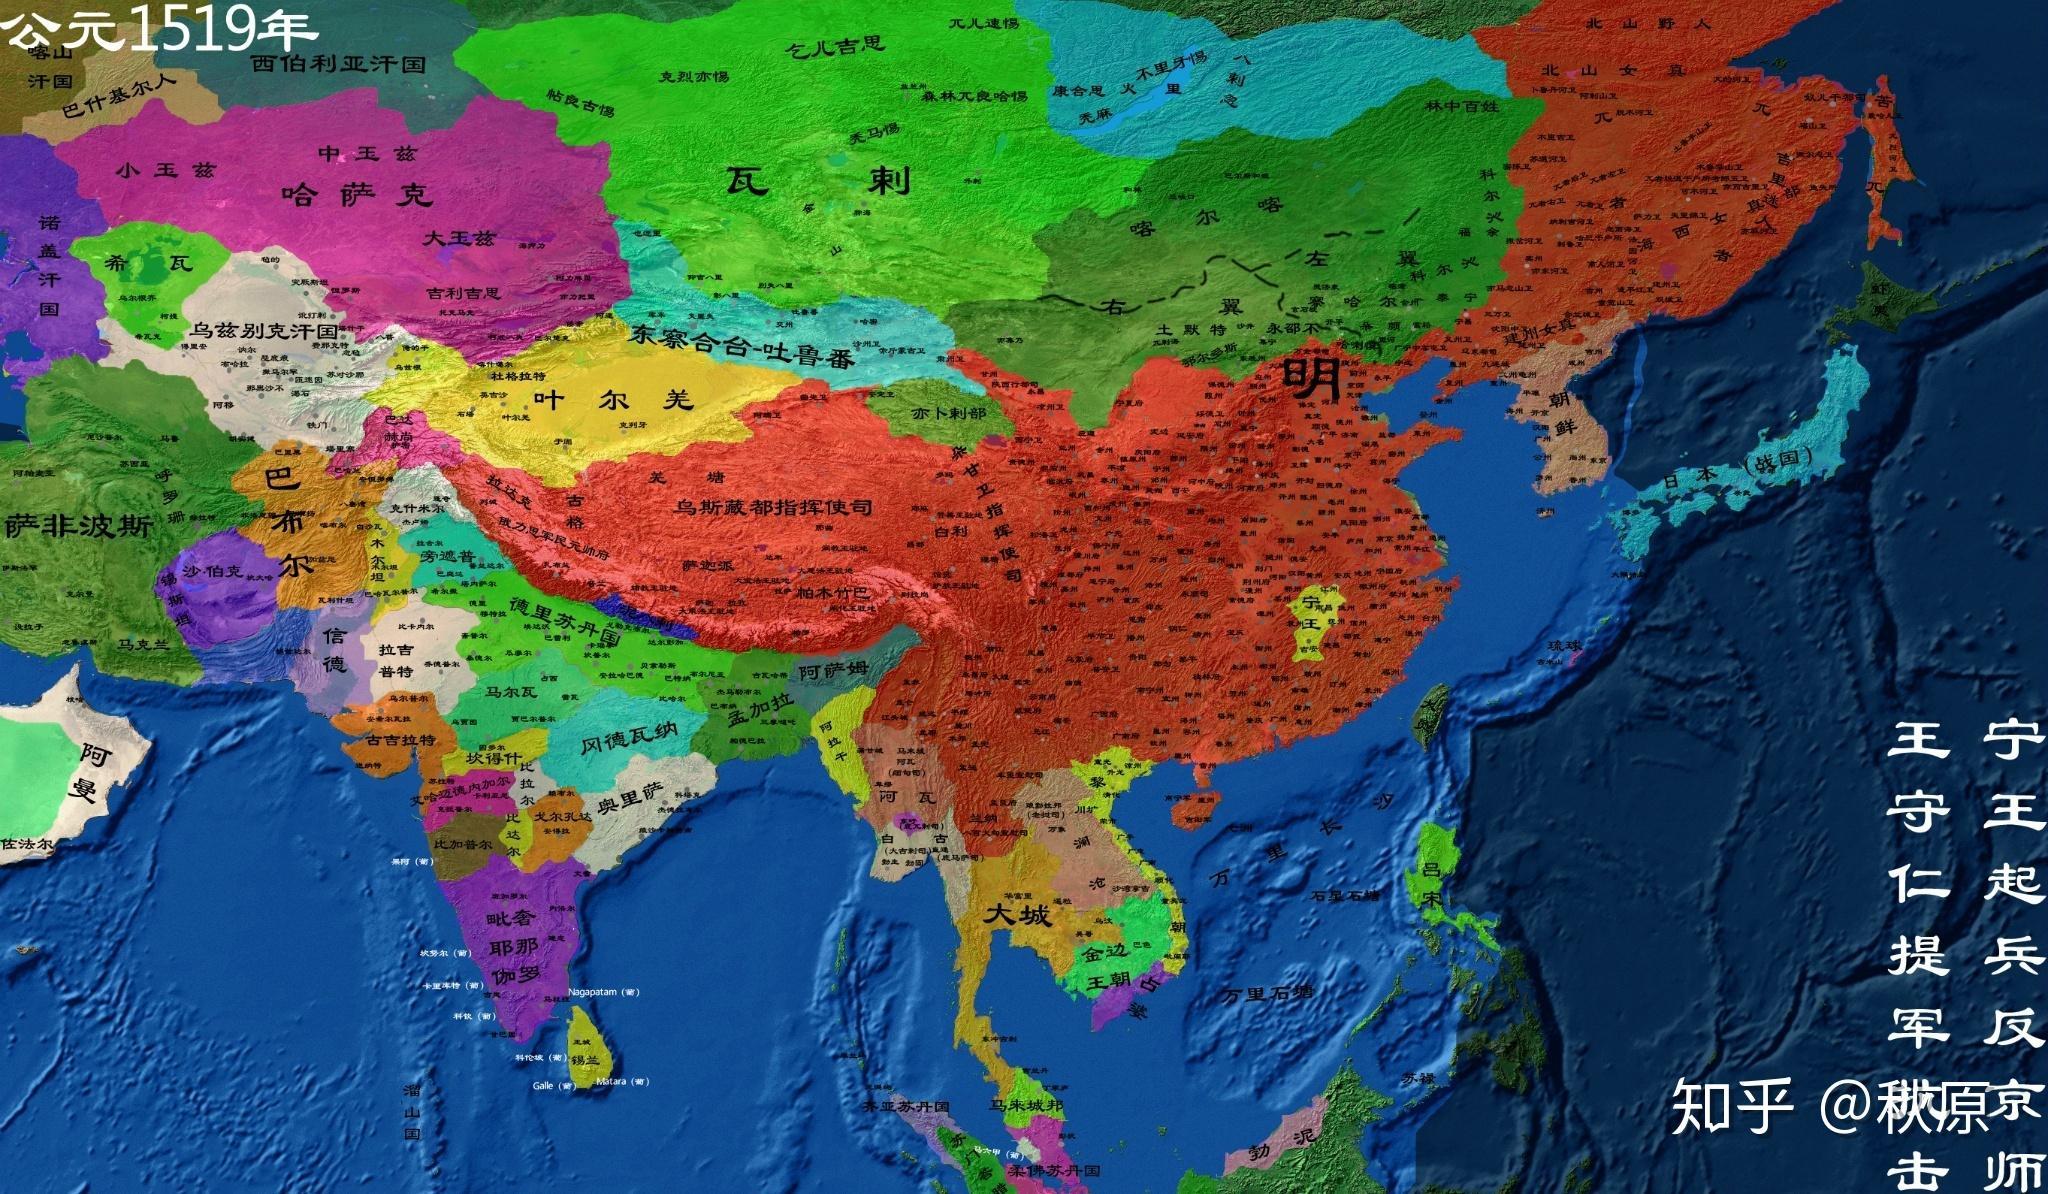 内蒙古地图全图大图_内蒙和外蒙古如何划界的? - 知乎